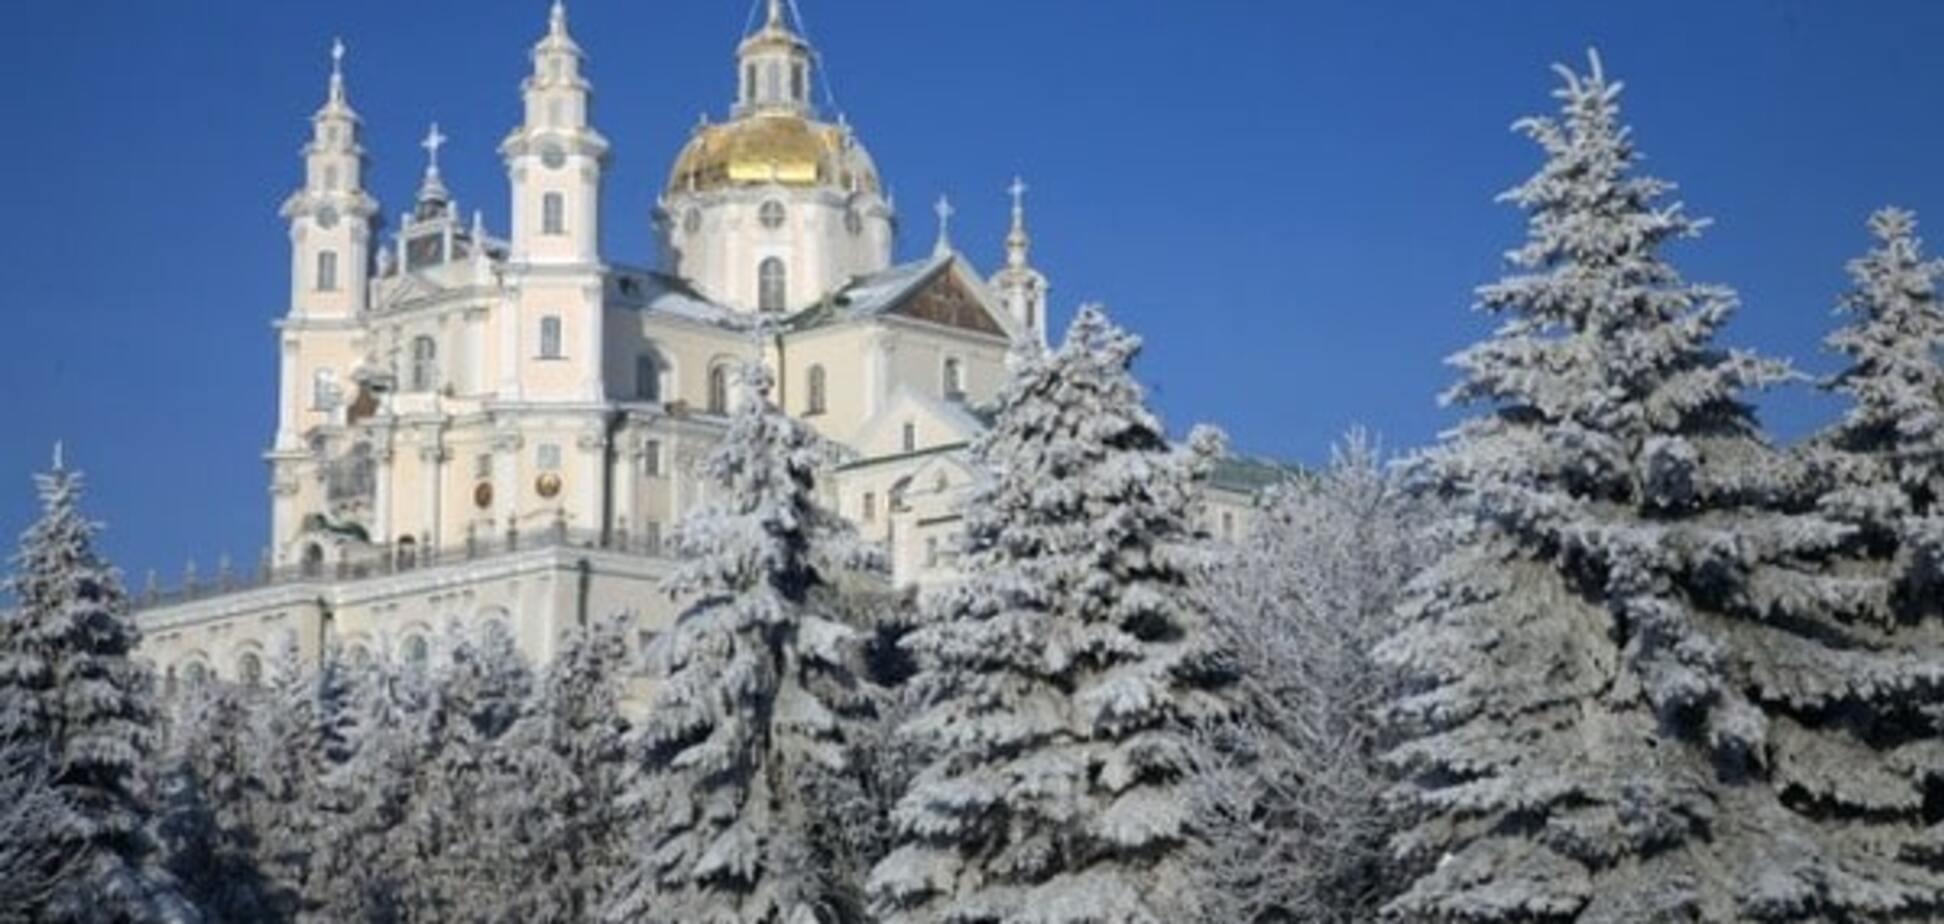 При пожаре в Почаевской лавре погиб архимандрит